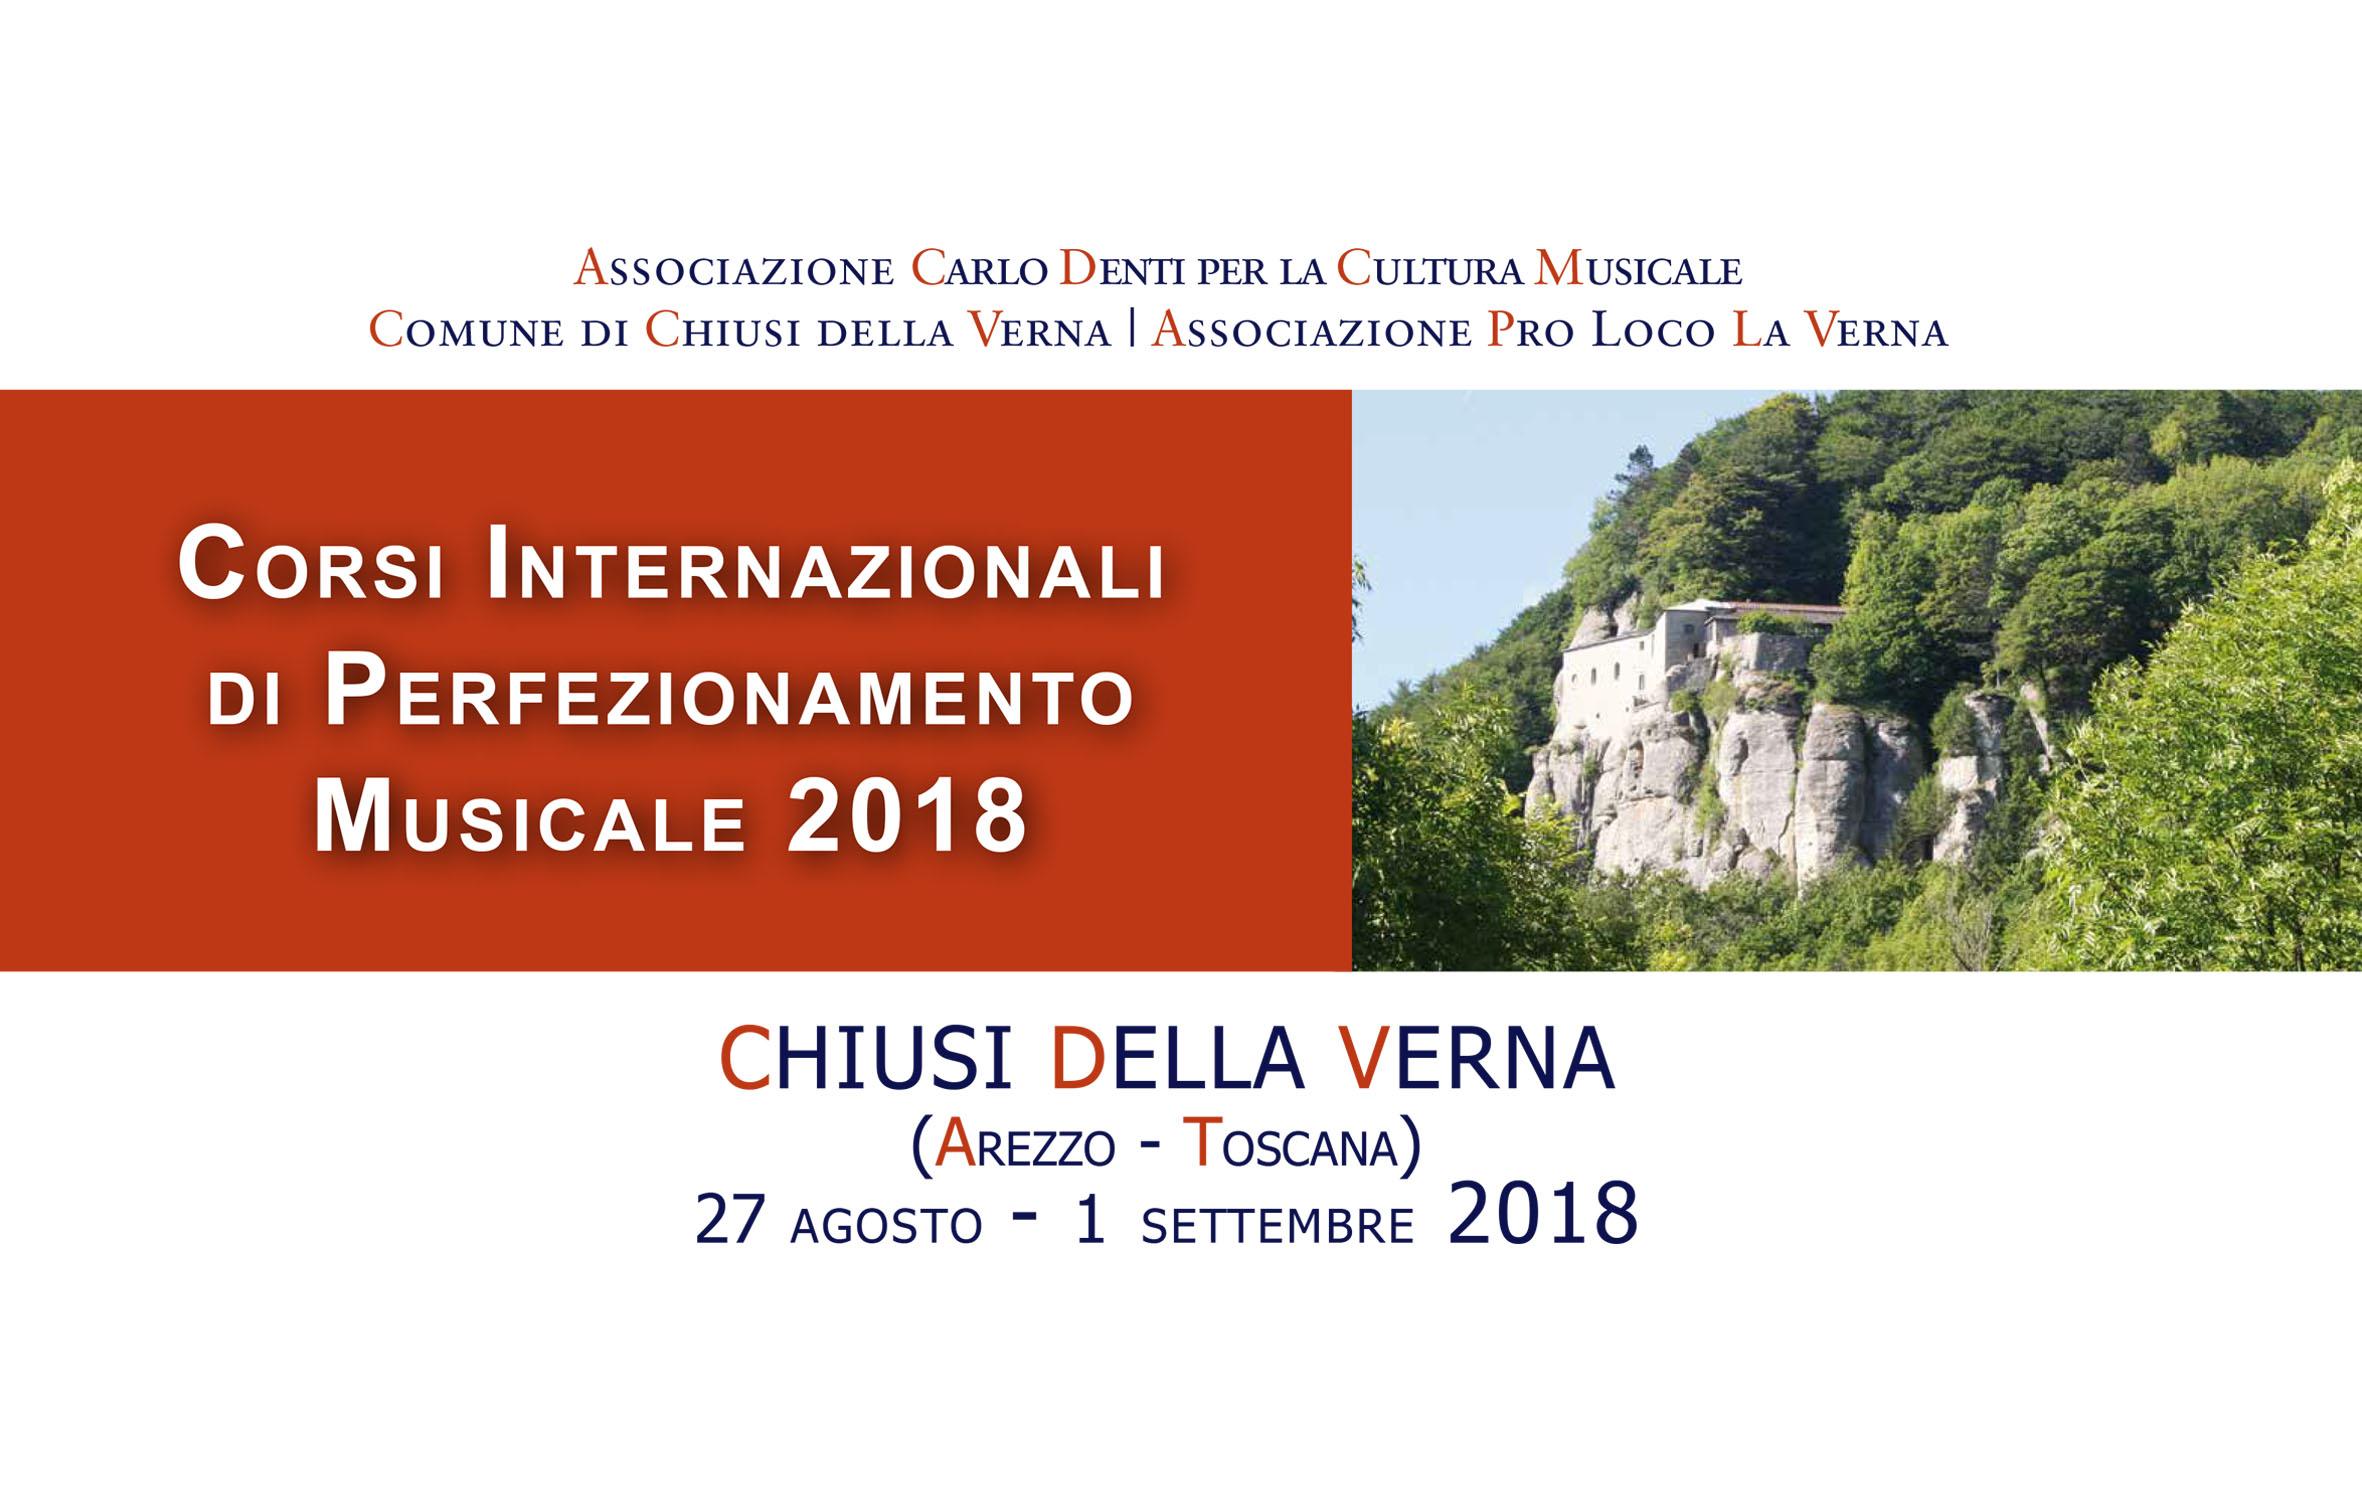 Programma ed Iscrizioni ai Corsi Internazionali di Perfezionamento Musicale